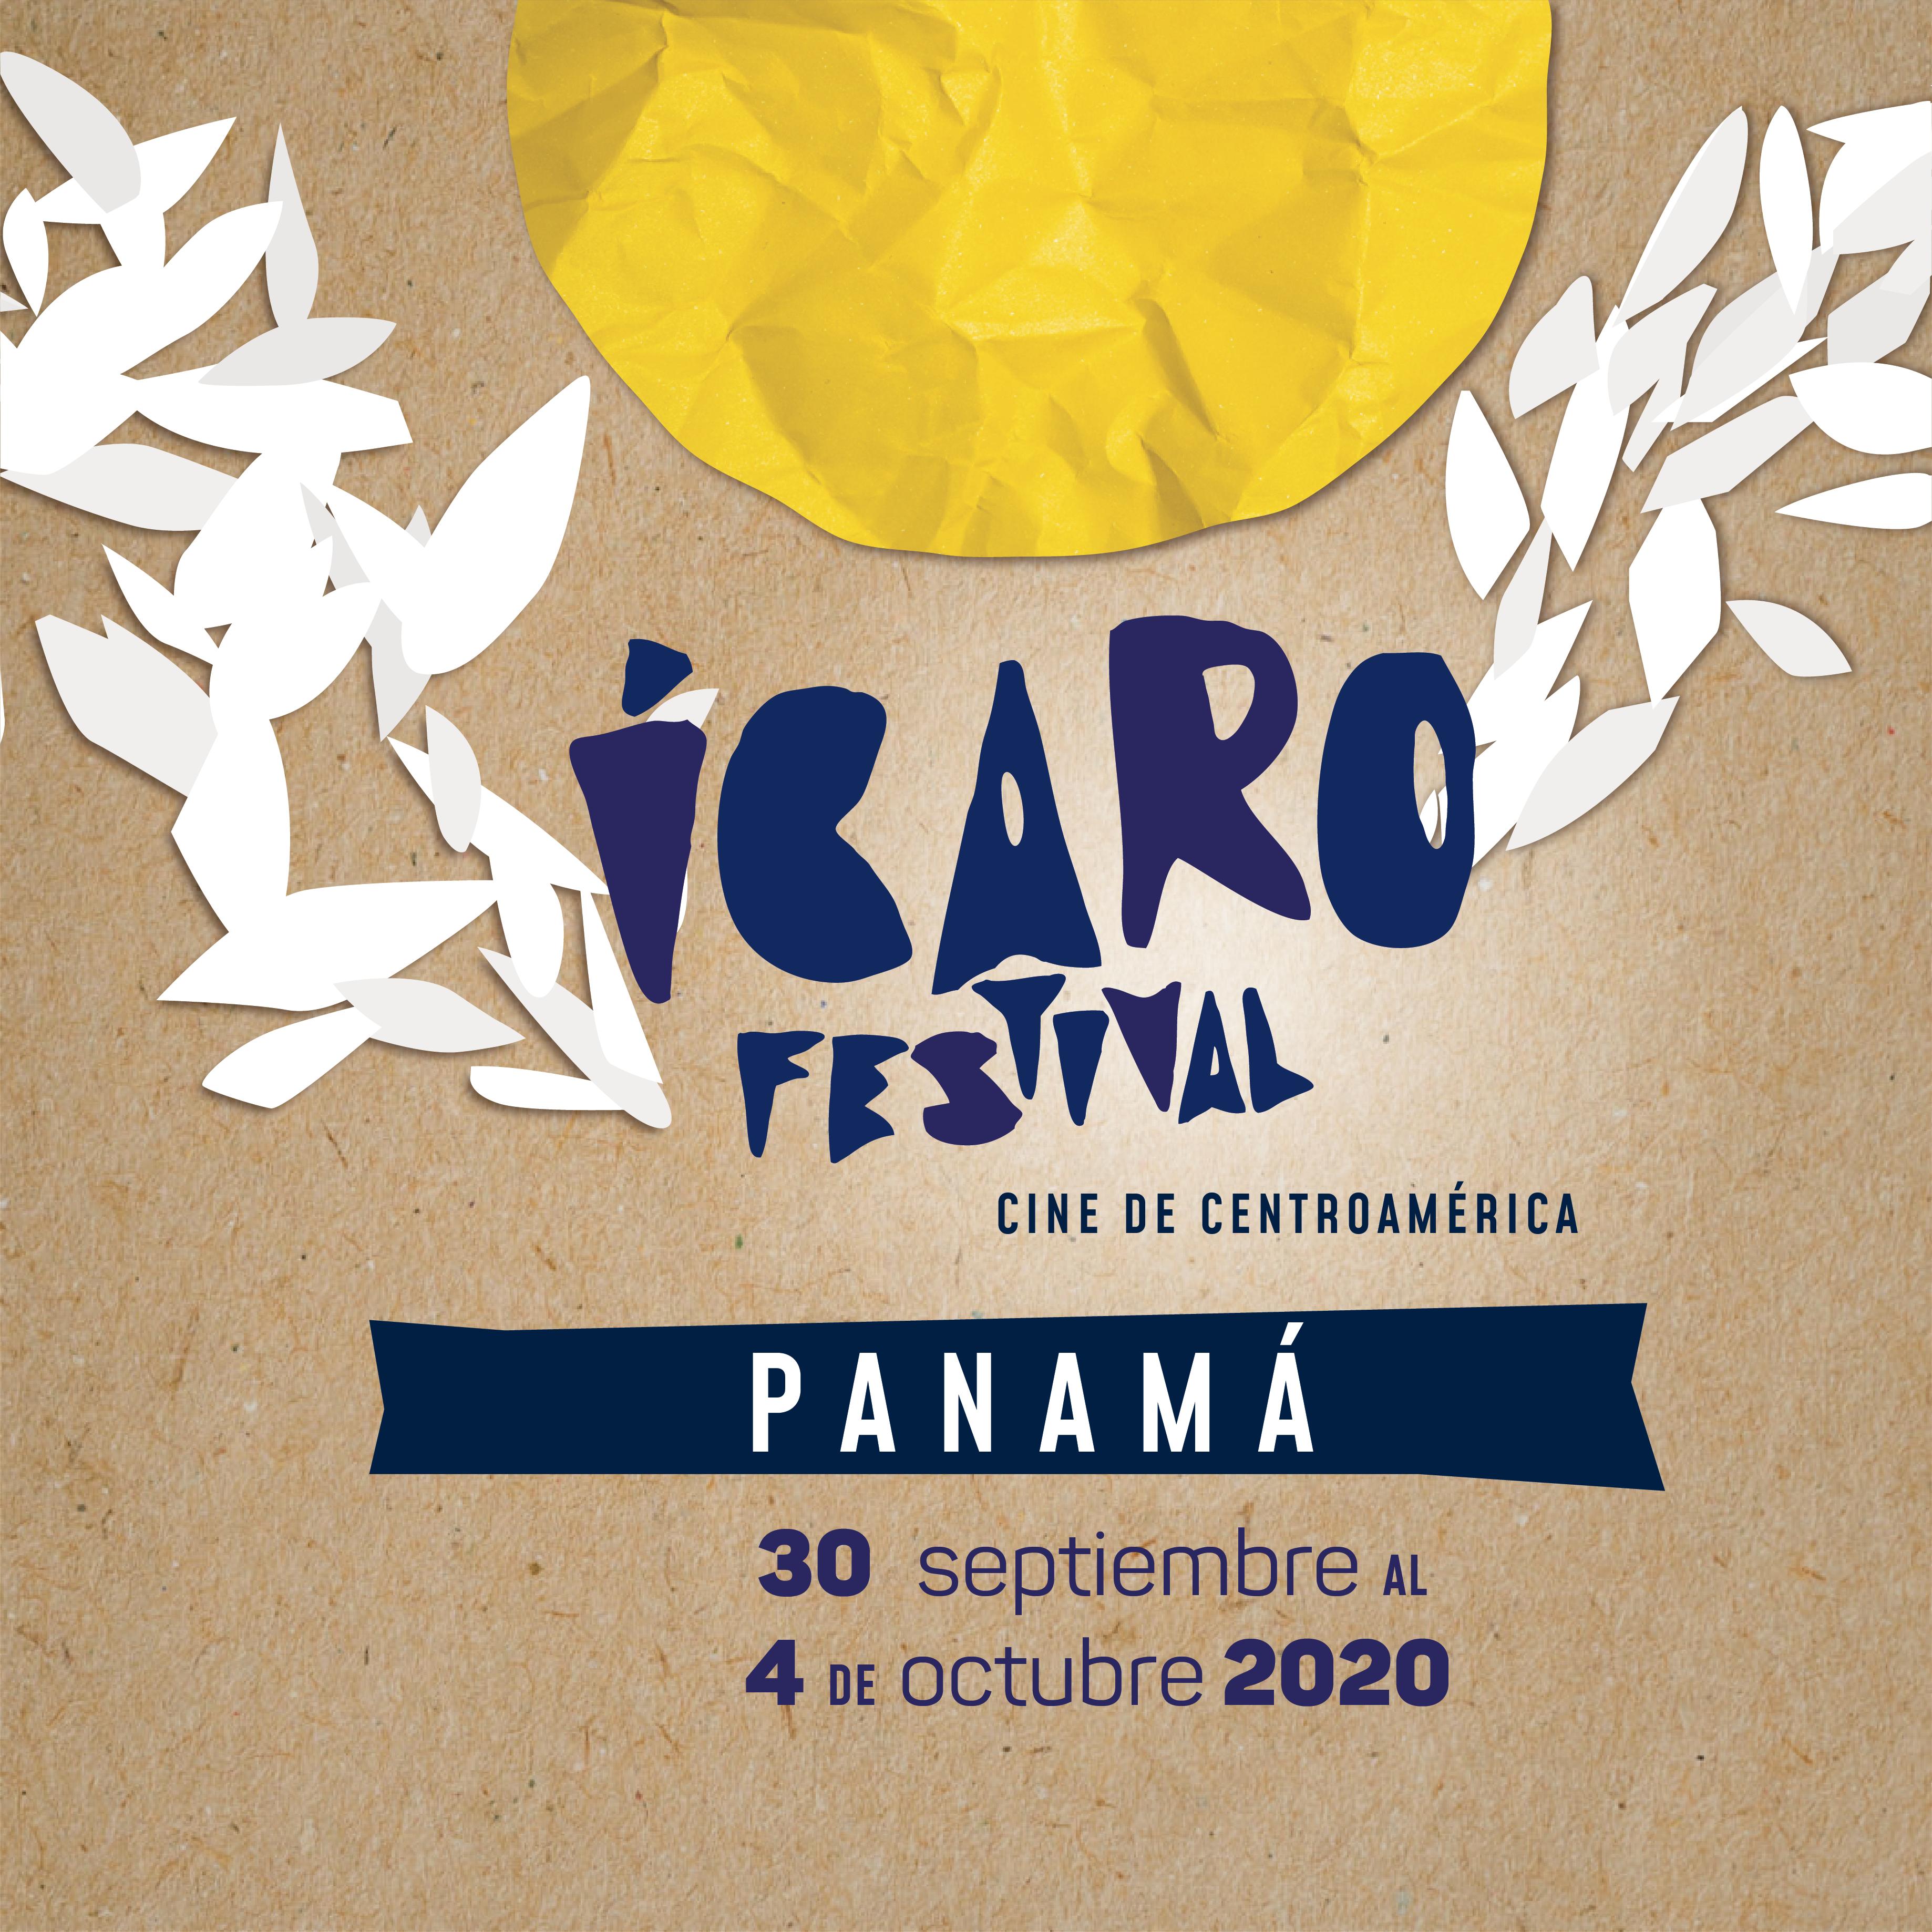 Regresa el Festival Icaro Panamá en versión digital 2020